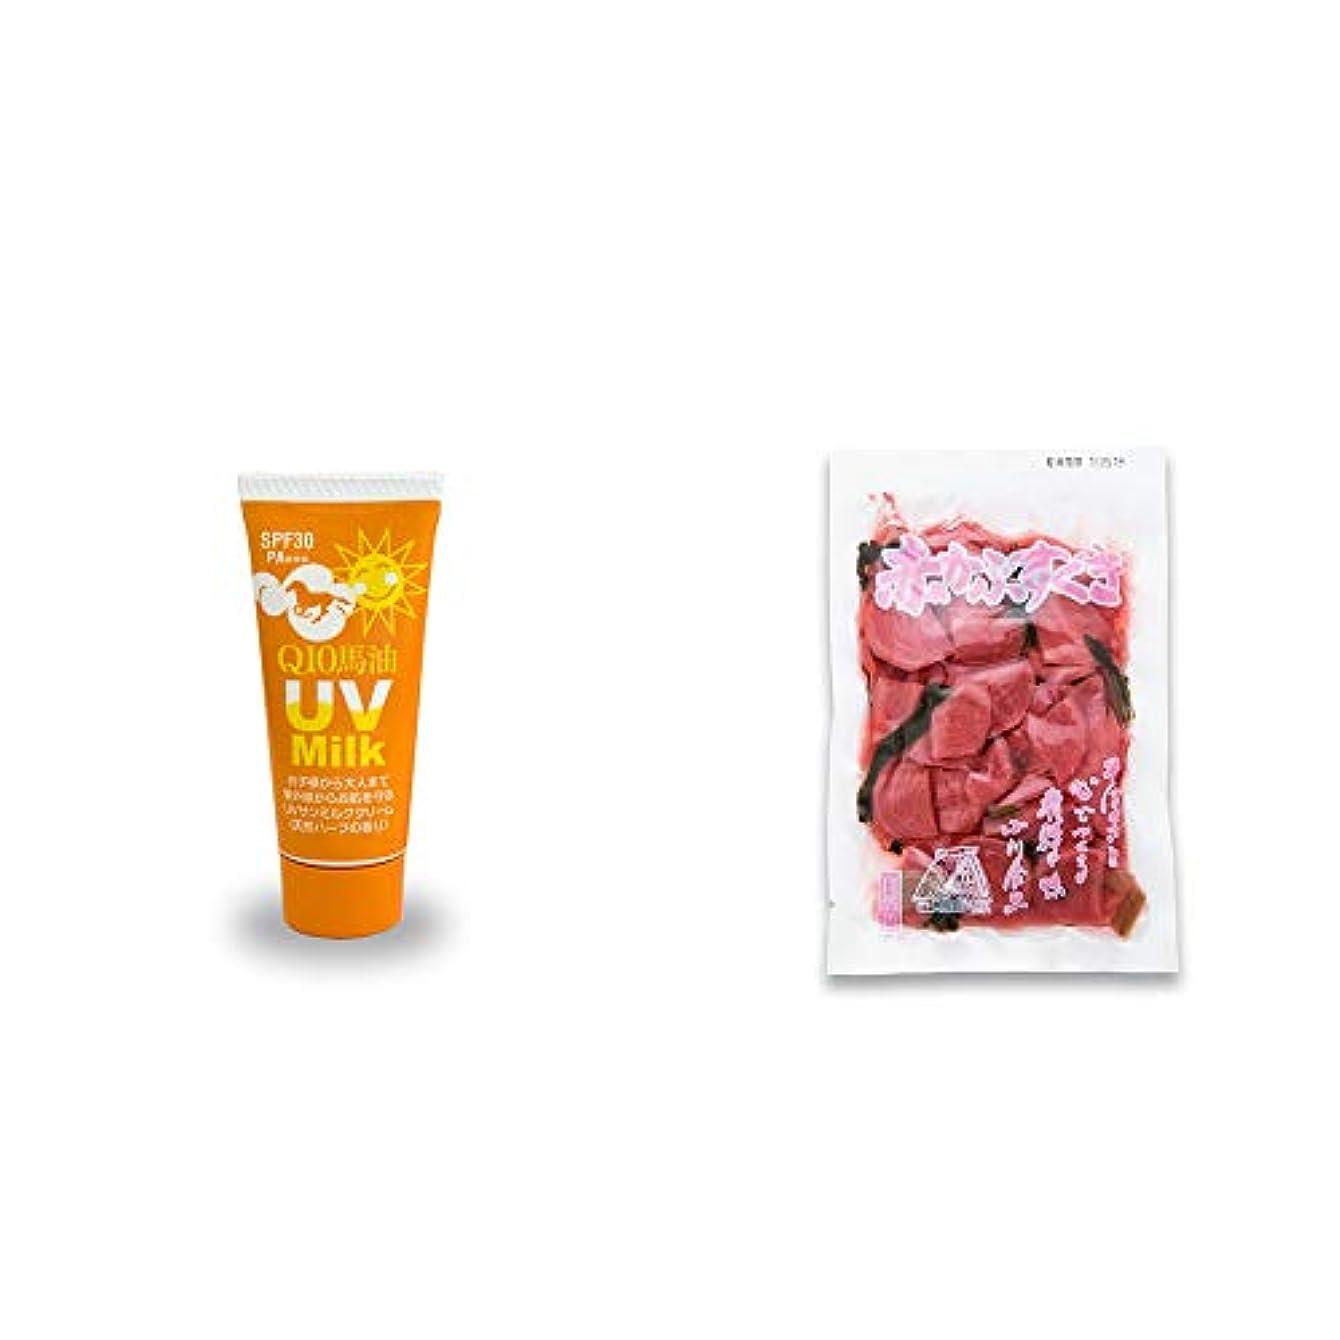 フェンス甘いの前で[2点セット] 炭黒泉 Q10馬油 UVサンミルク[天然ハーブ](40g)?赤かぶすぐき(160g)